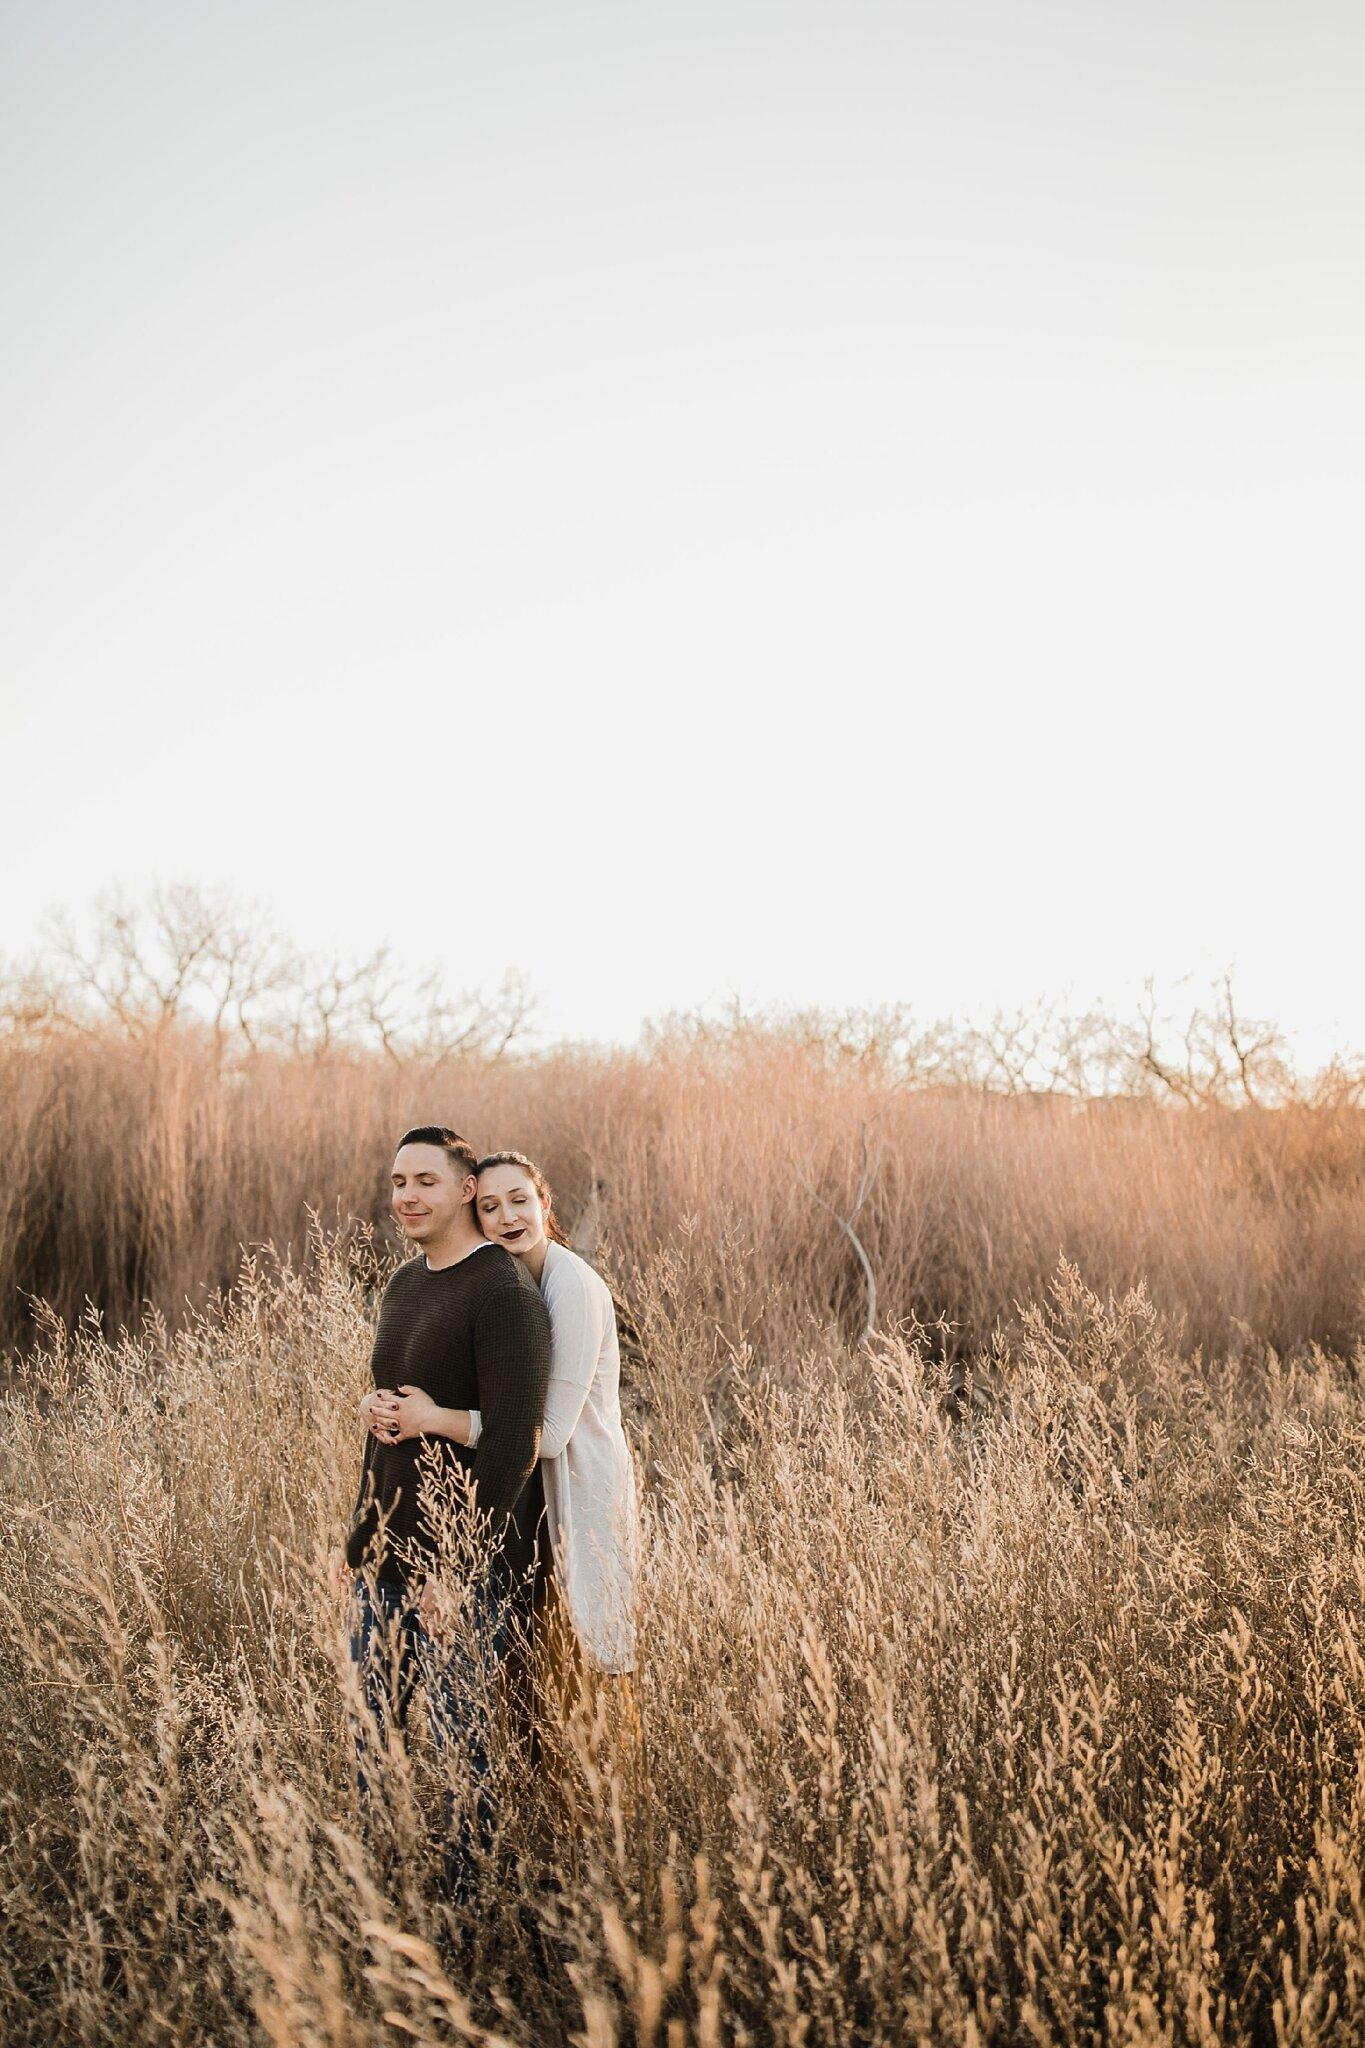 Alicia+lucia+photography+-+albuquerque+wedding+photographer+-+santa+fe+wedding+photography+-+new+mexico+wedding+photographer+-+new+mexico+wedding+-+engagement+-+desert+engagement+-+new+mexico+engagement+-+new+mexico+desert+engagement_0037.jpg